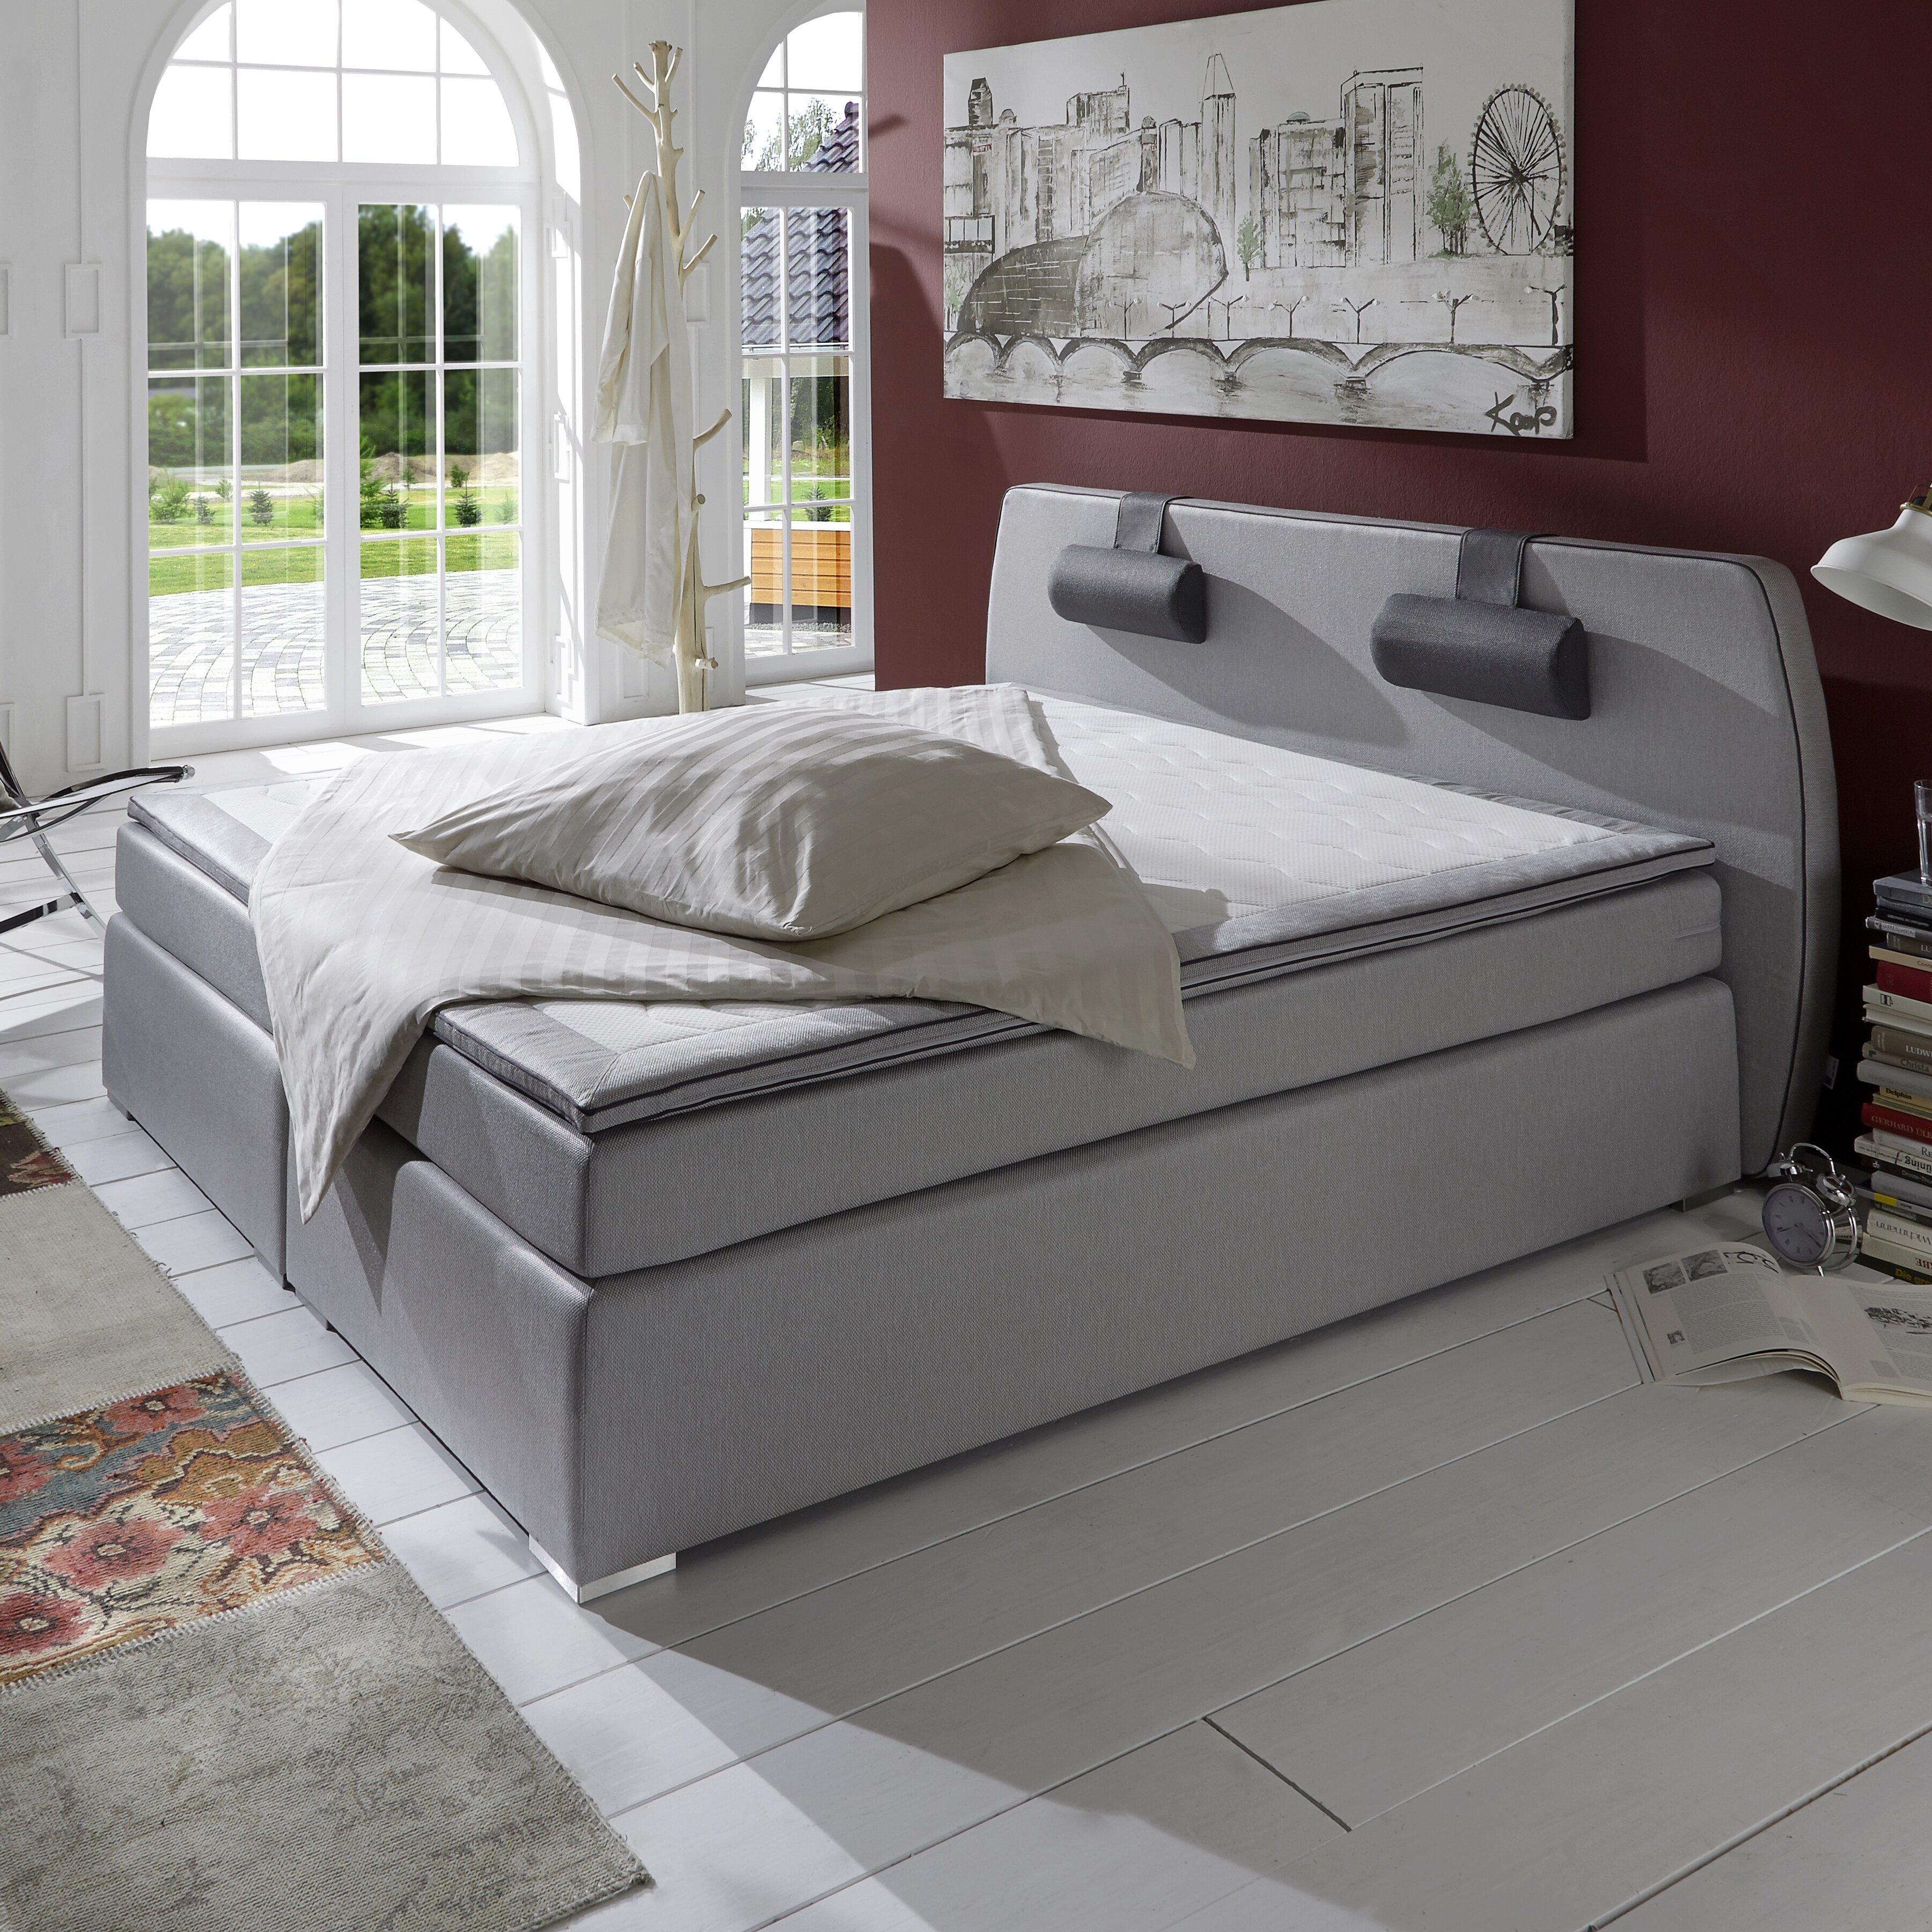 atlantic home collection boxspringbett rex mit topper und nackenkissen bewertungen. Black Bedroom Furniture Sets. Home Design Ideas